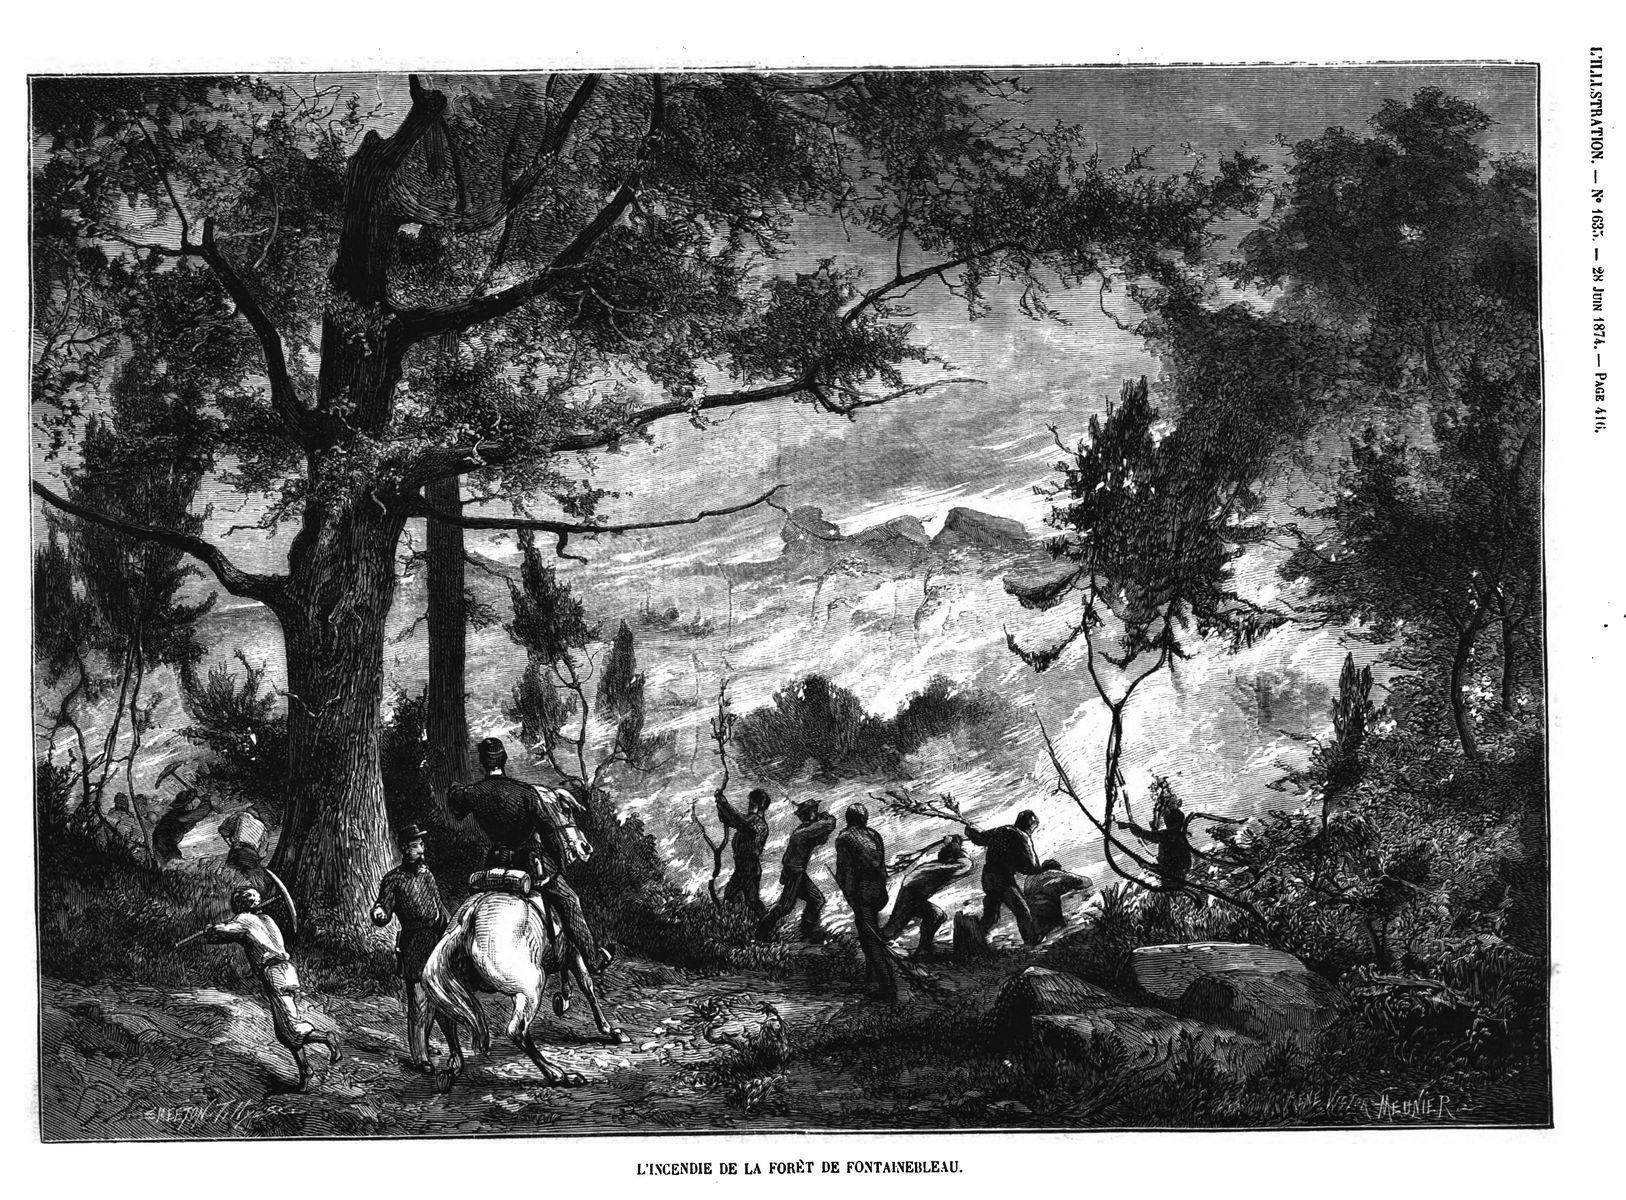 L'incendie de la foret de Fontainebleau. (gravure 1874)